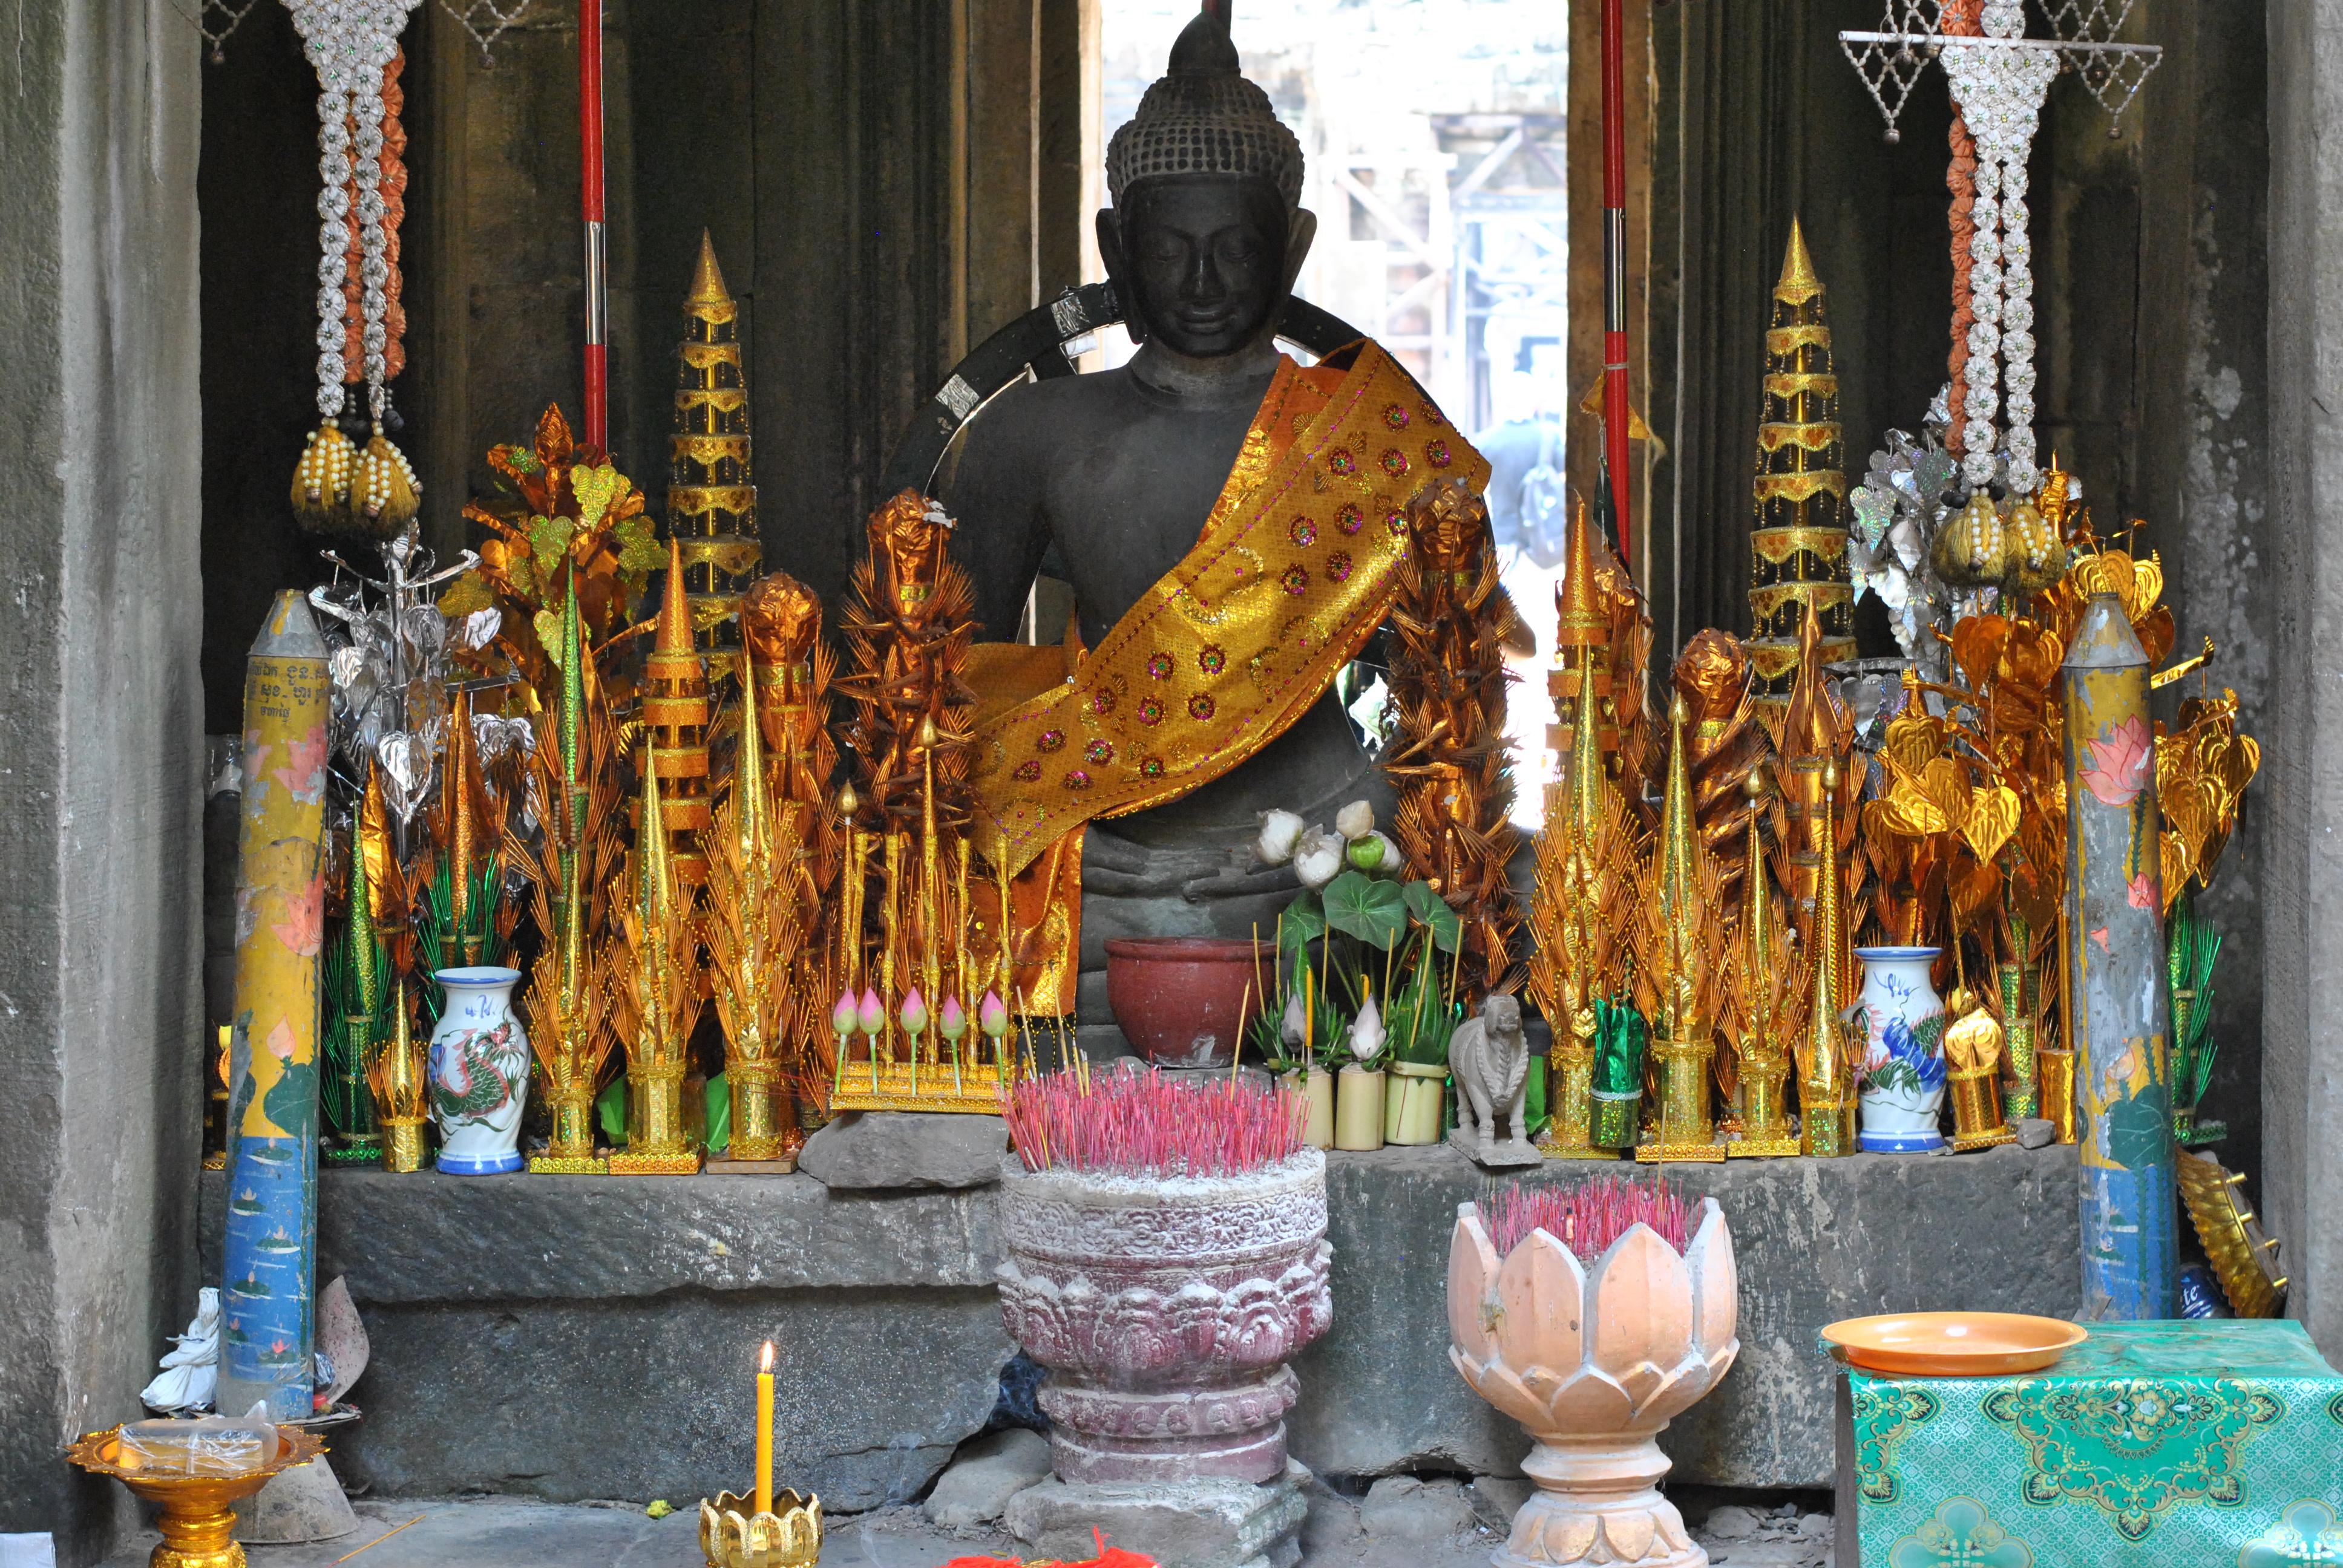 You are currently viewing Tempel, Tempel, Tempel – Angkor Wat und Umgebung (Tag 2) [KAMB]